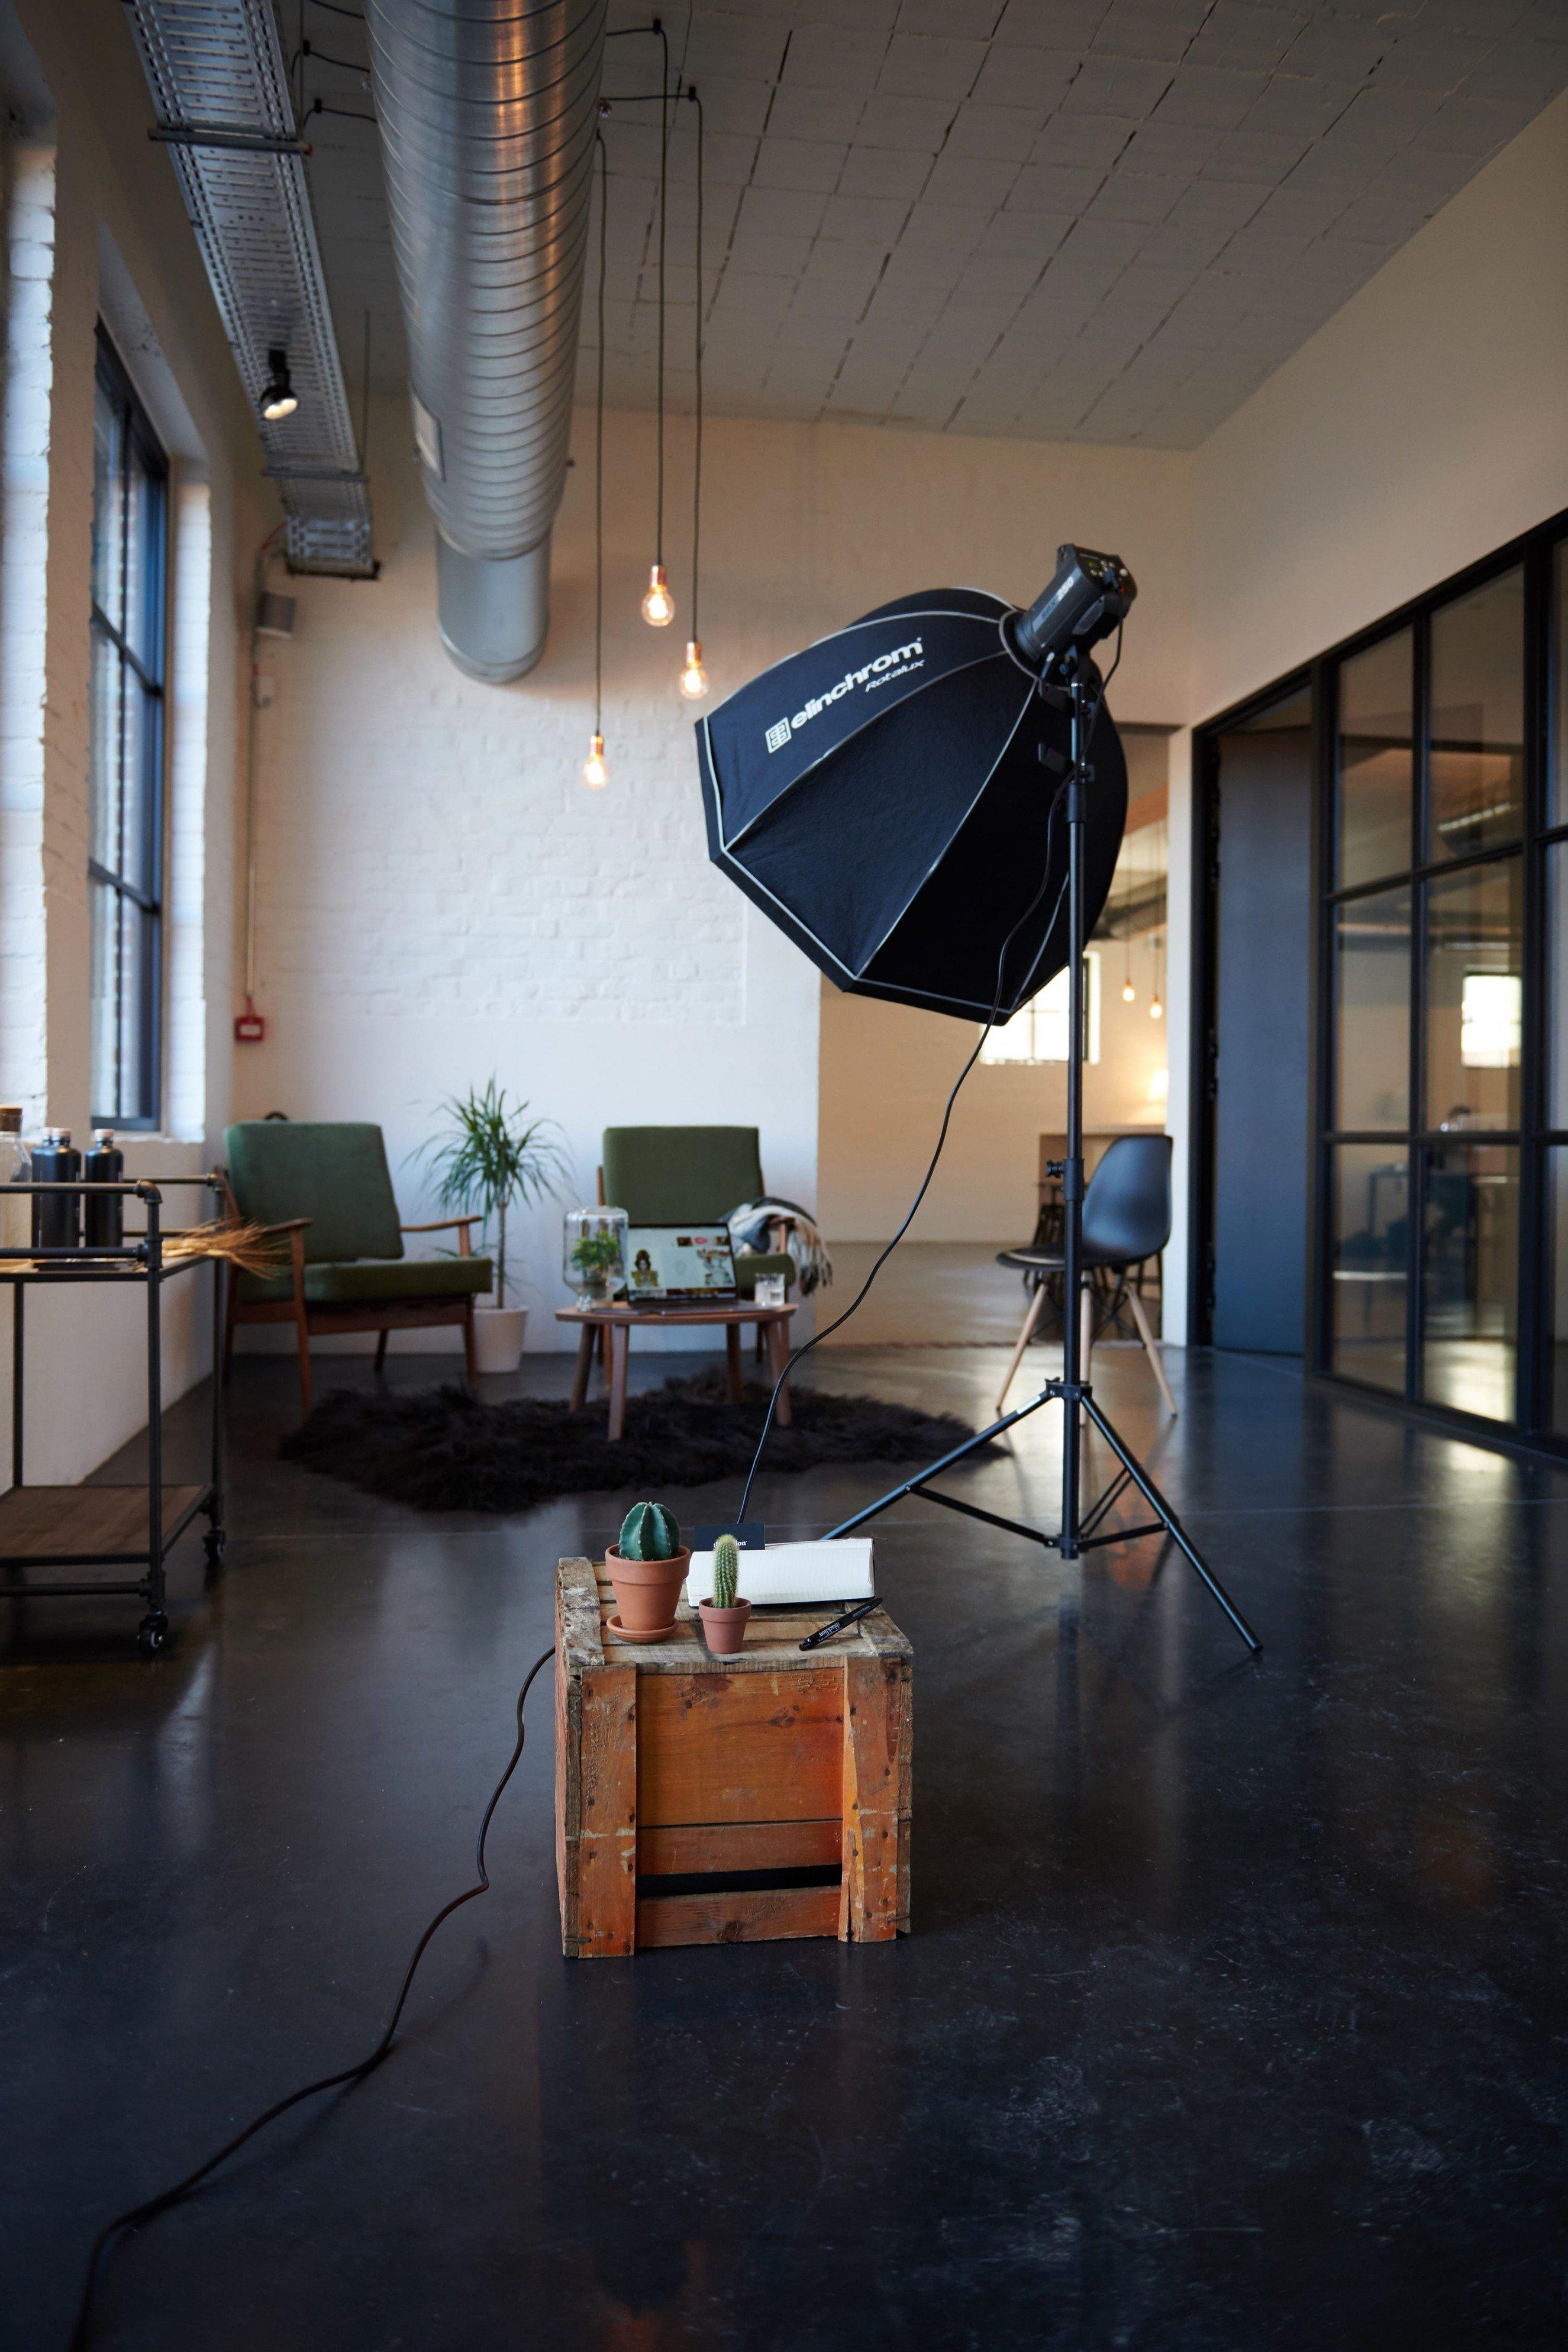 webdesign-fotografie.jpg